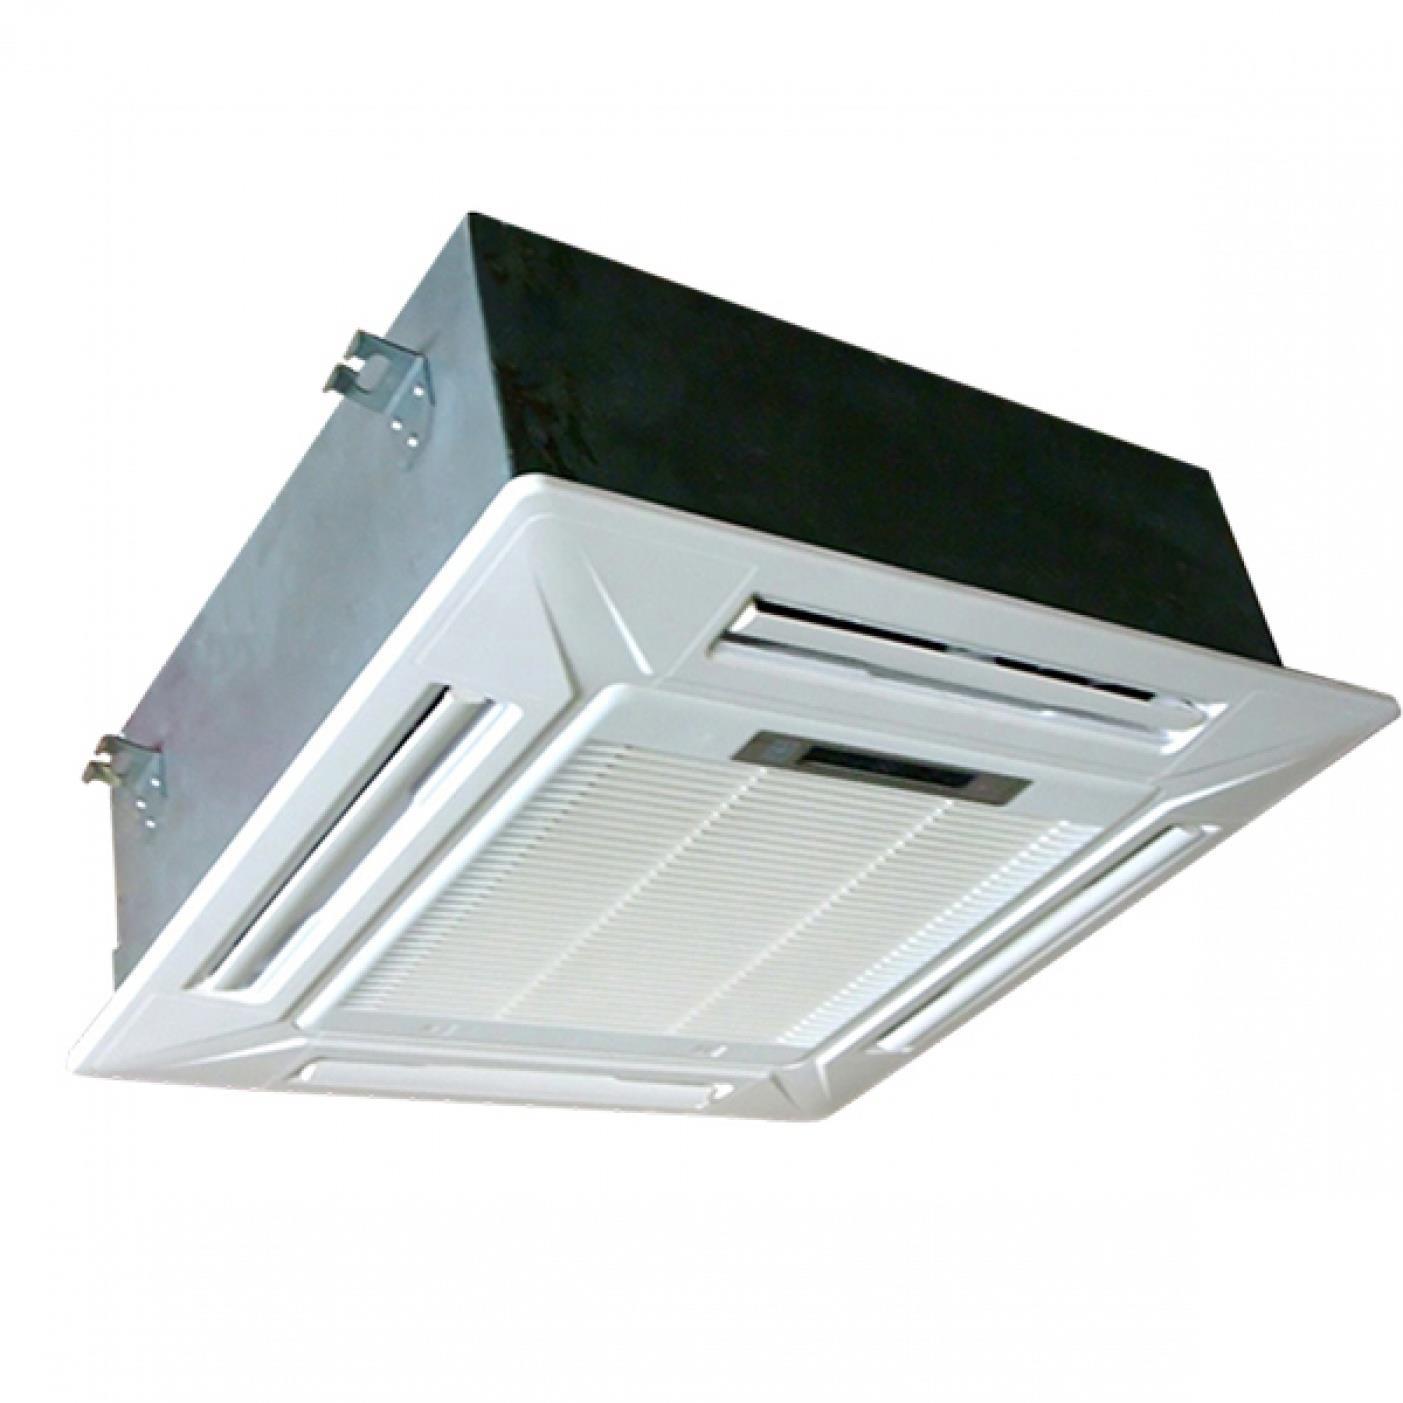 Klimatyzator kasetonowy AUX ALCA-H18/NDR3HAA 5 kW (jednostka wewnetrzna) ALCA-H18/NDR3HAA kondicionieris